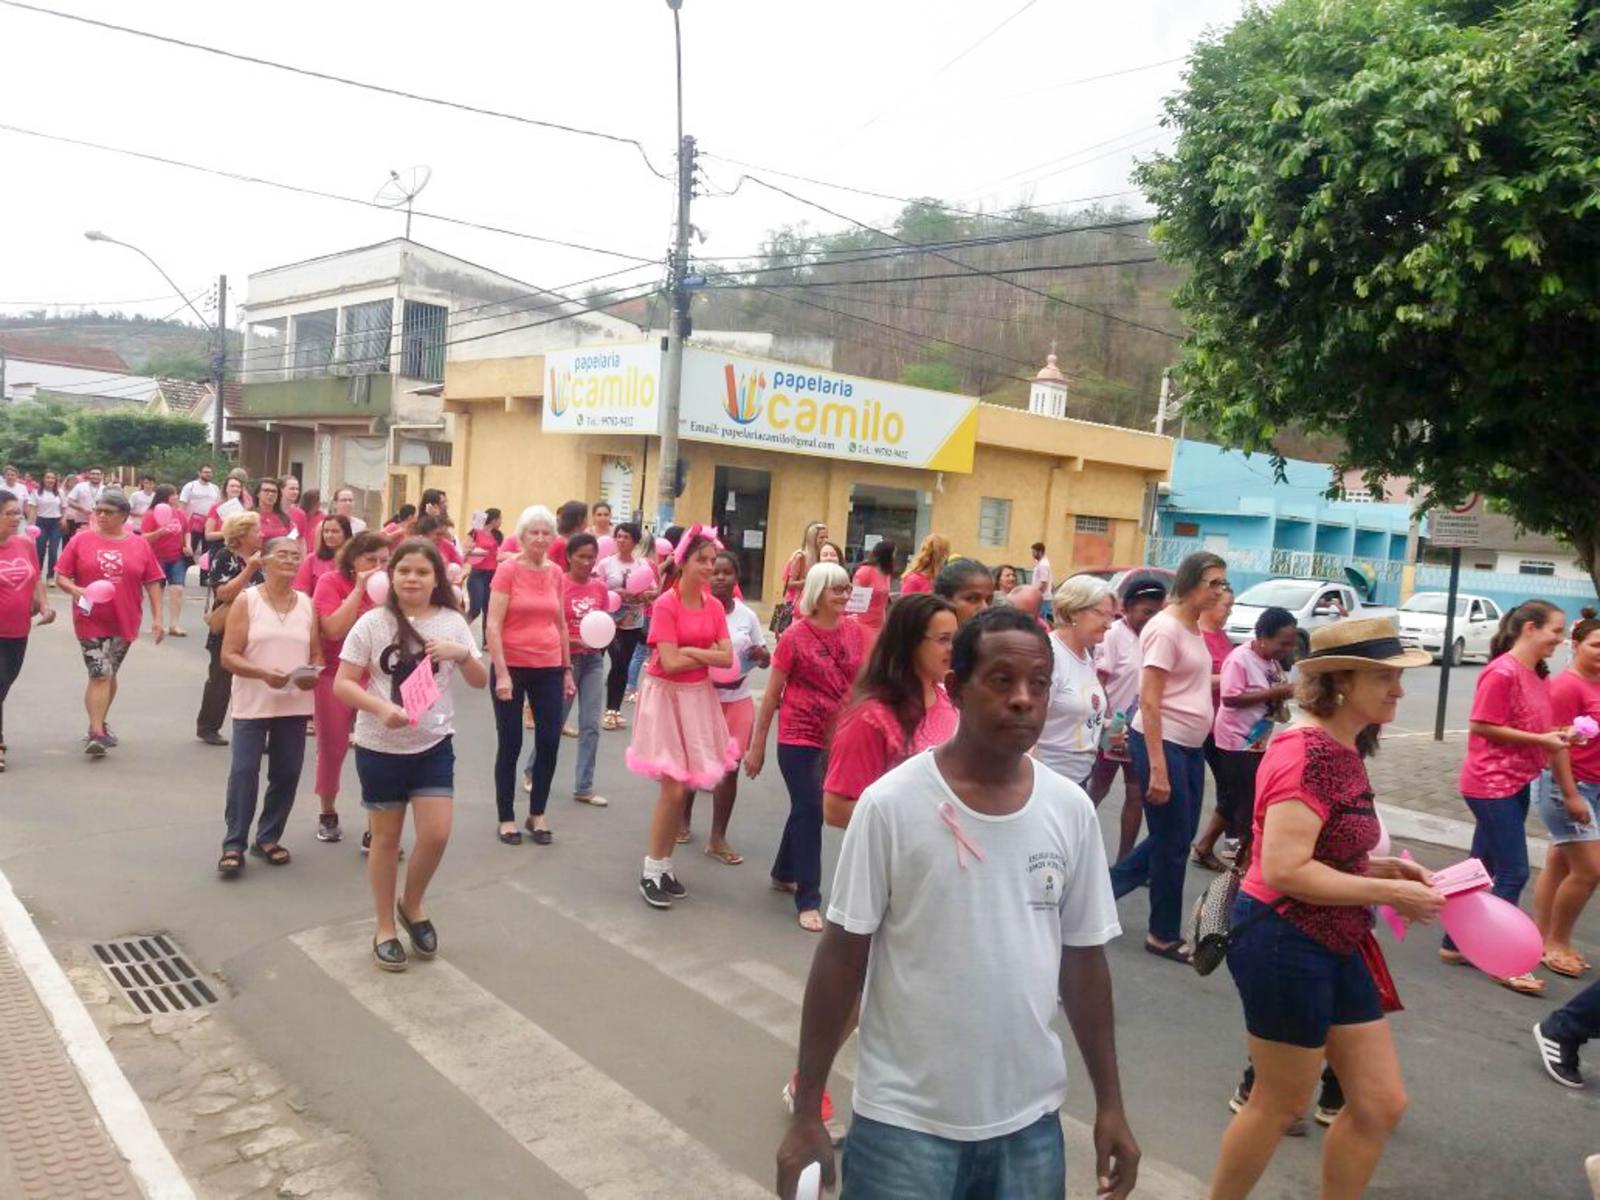 Caminhada do Outubro Rosa mobilizou a cidade nesta sexta-feira (27)